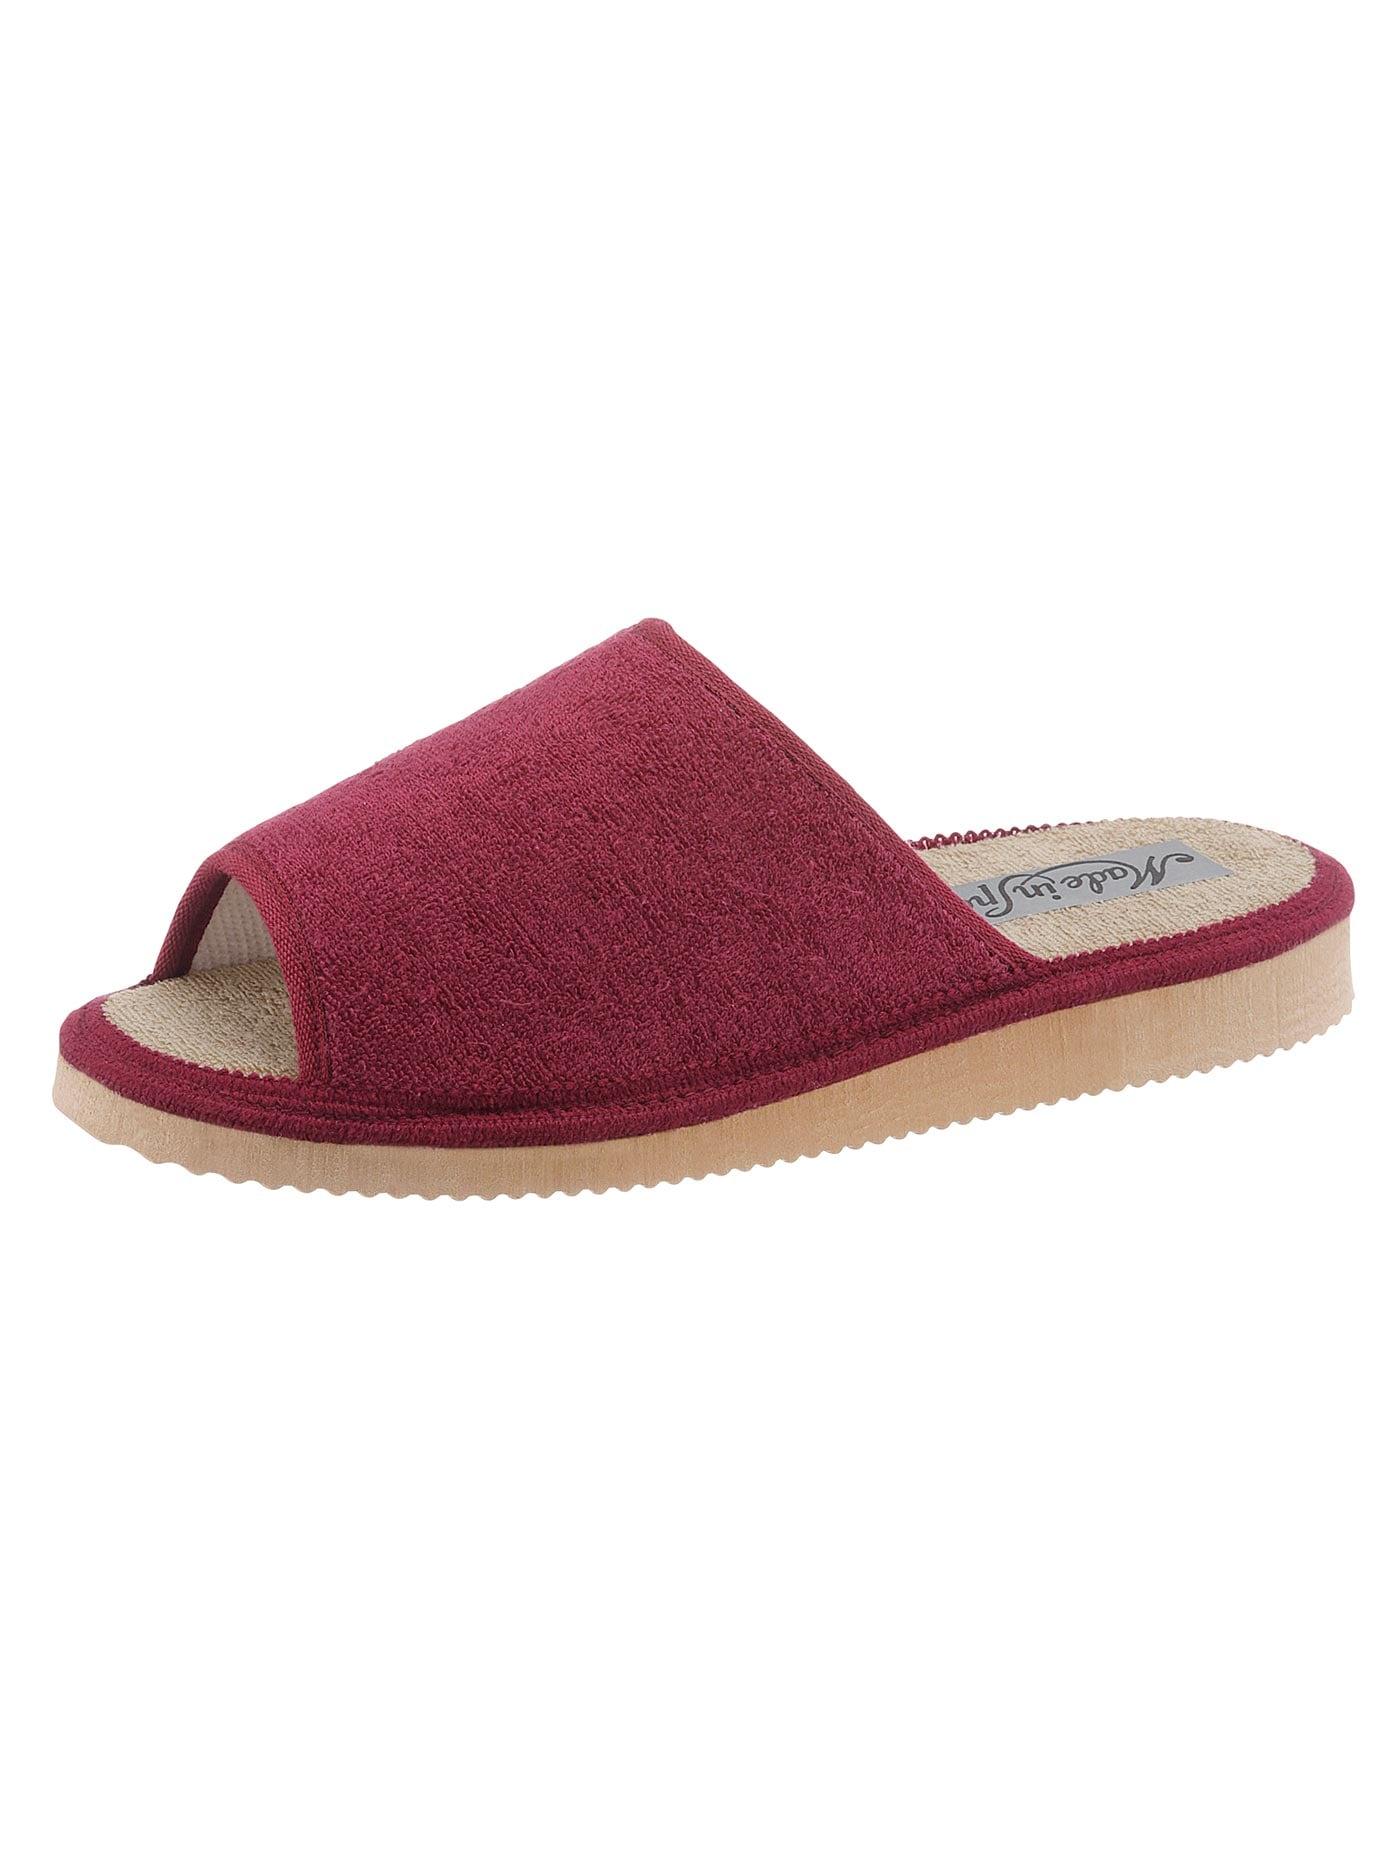 Pantoffel mit rutschhemmender EVA-Laufsohle | Schuhe > Hausschuhe > Pantoffeln | Rot | Classic